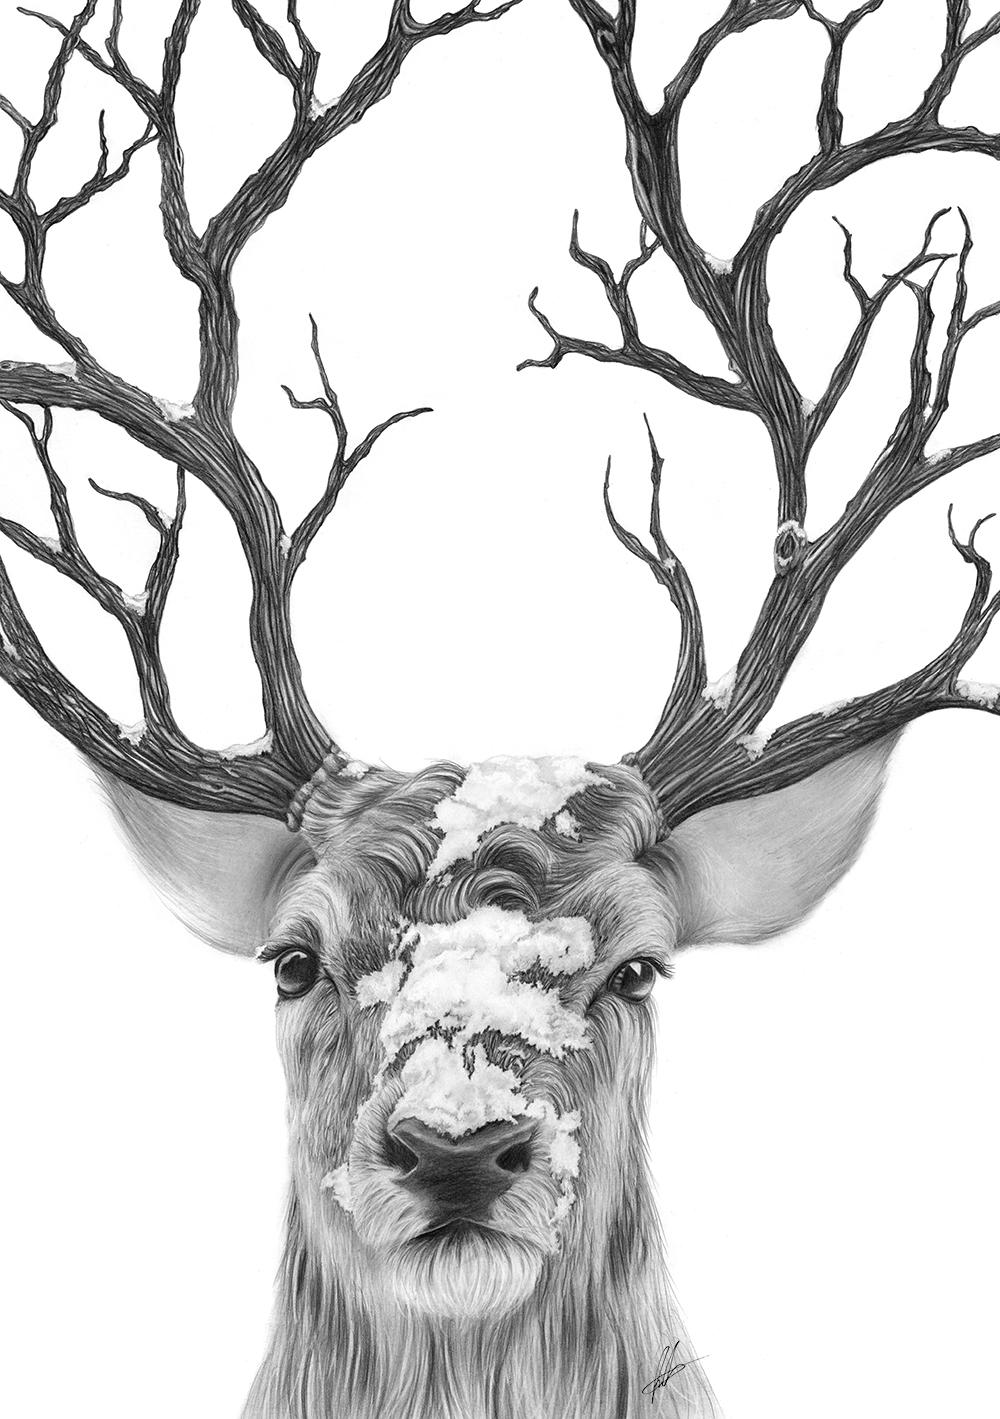 Drawn reindeer creative Drawings Laura de très